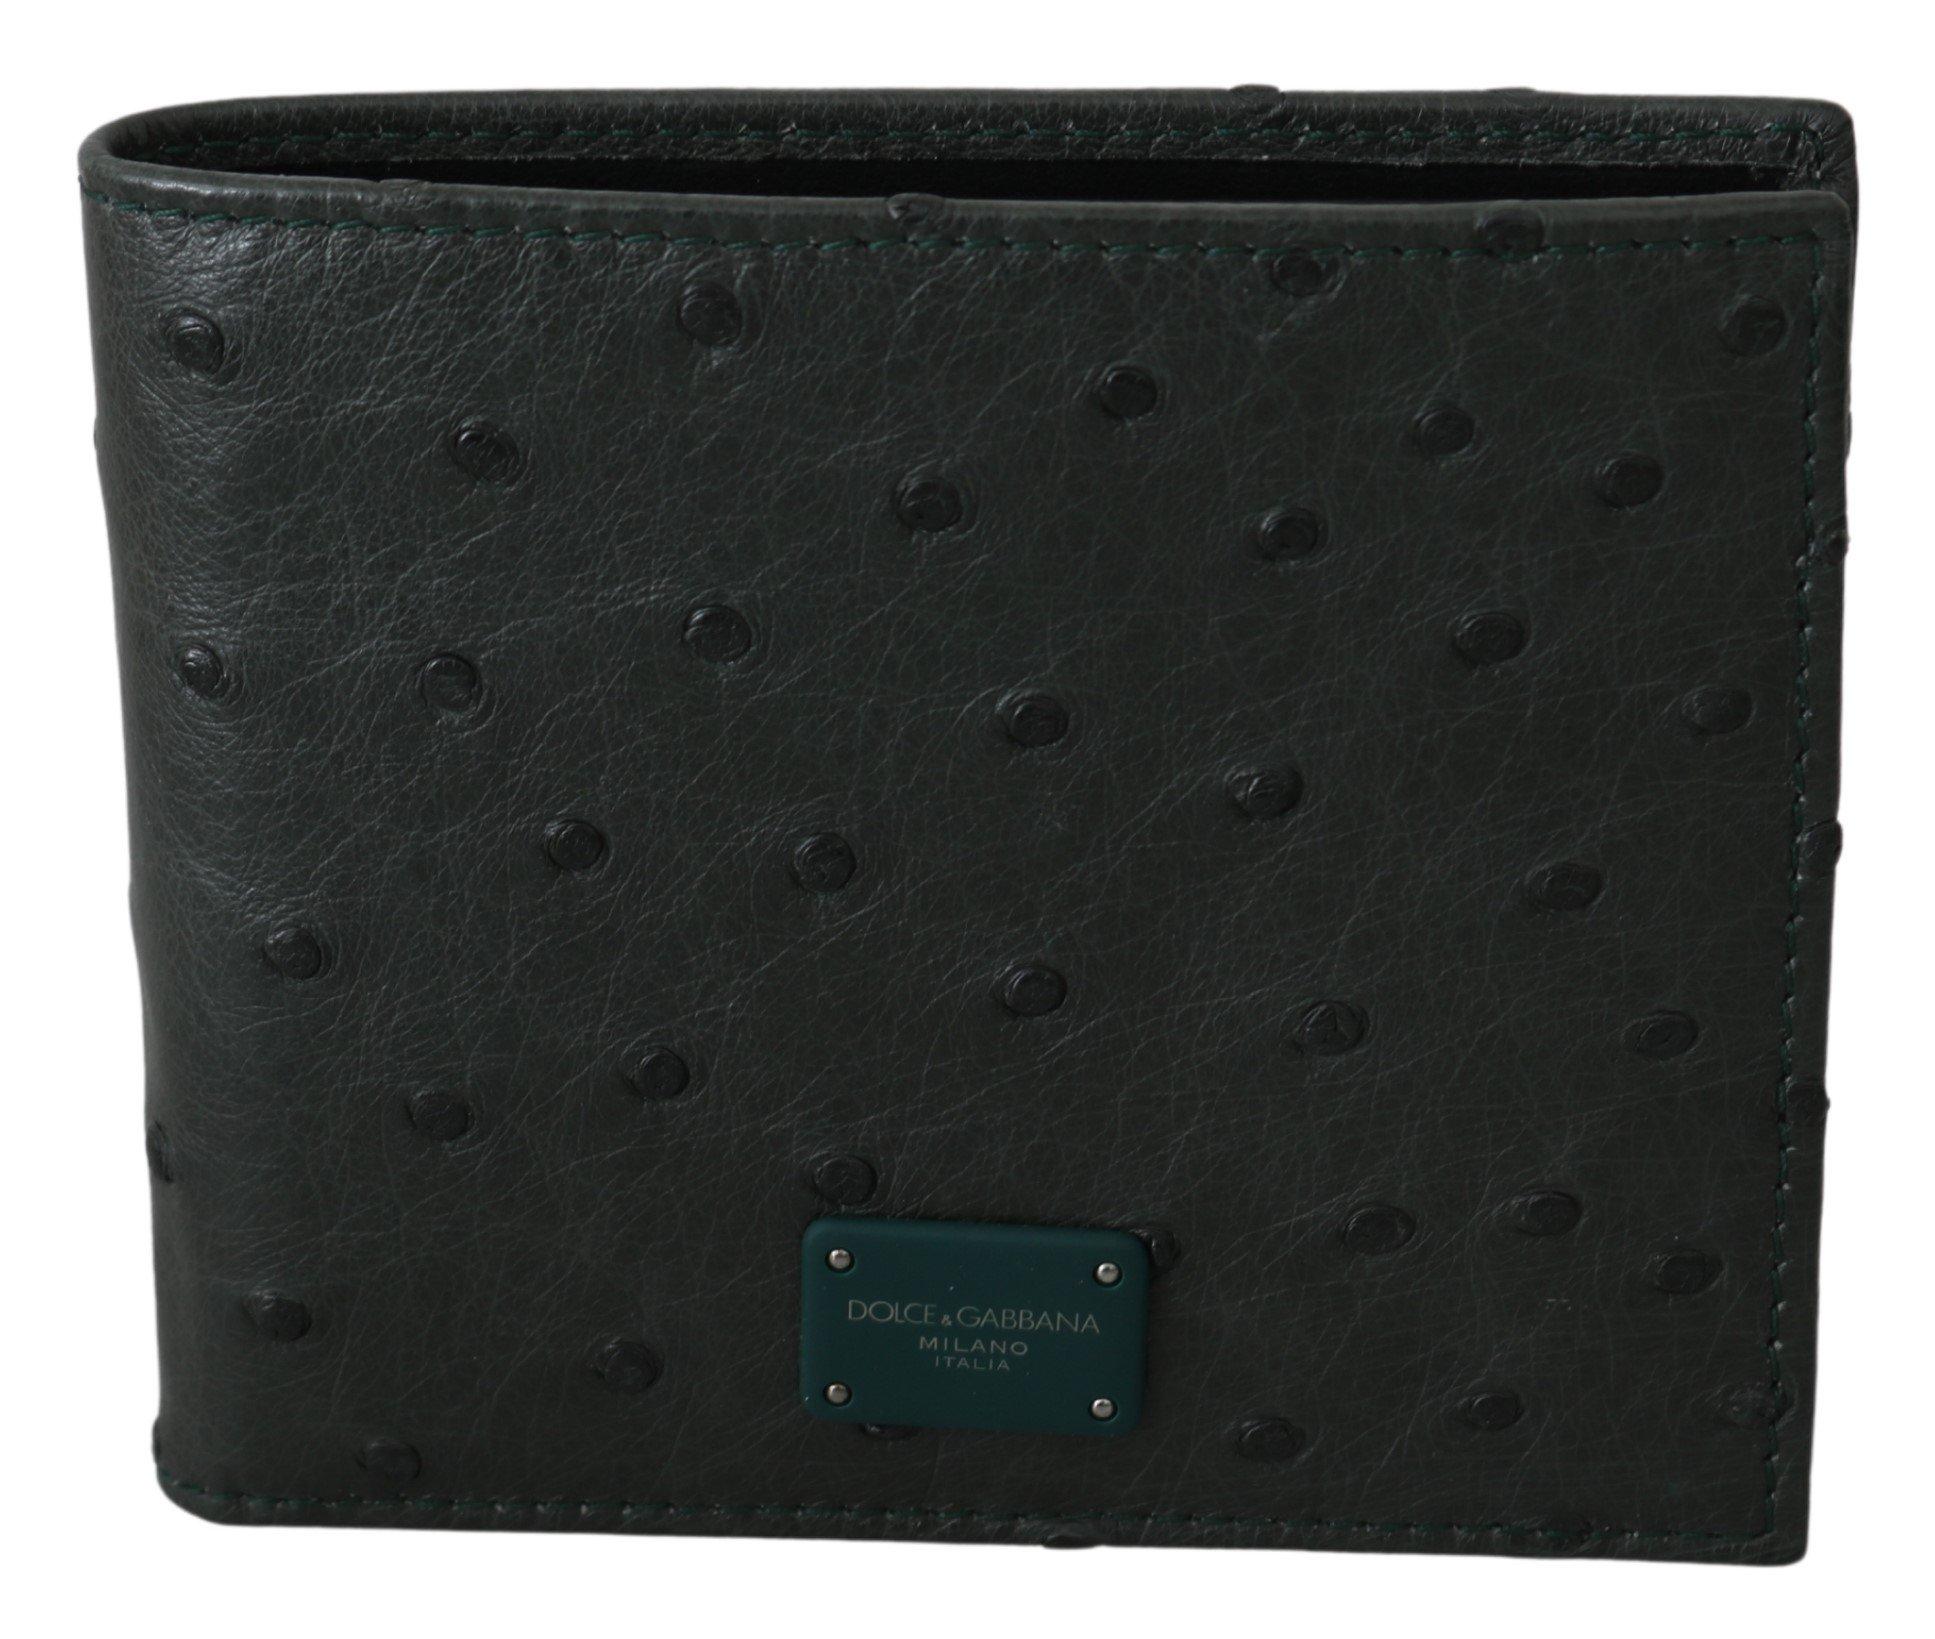 Dolce & Gabbana Men's Ostrich Leather Bifold Wallet Green VAS9692